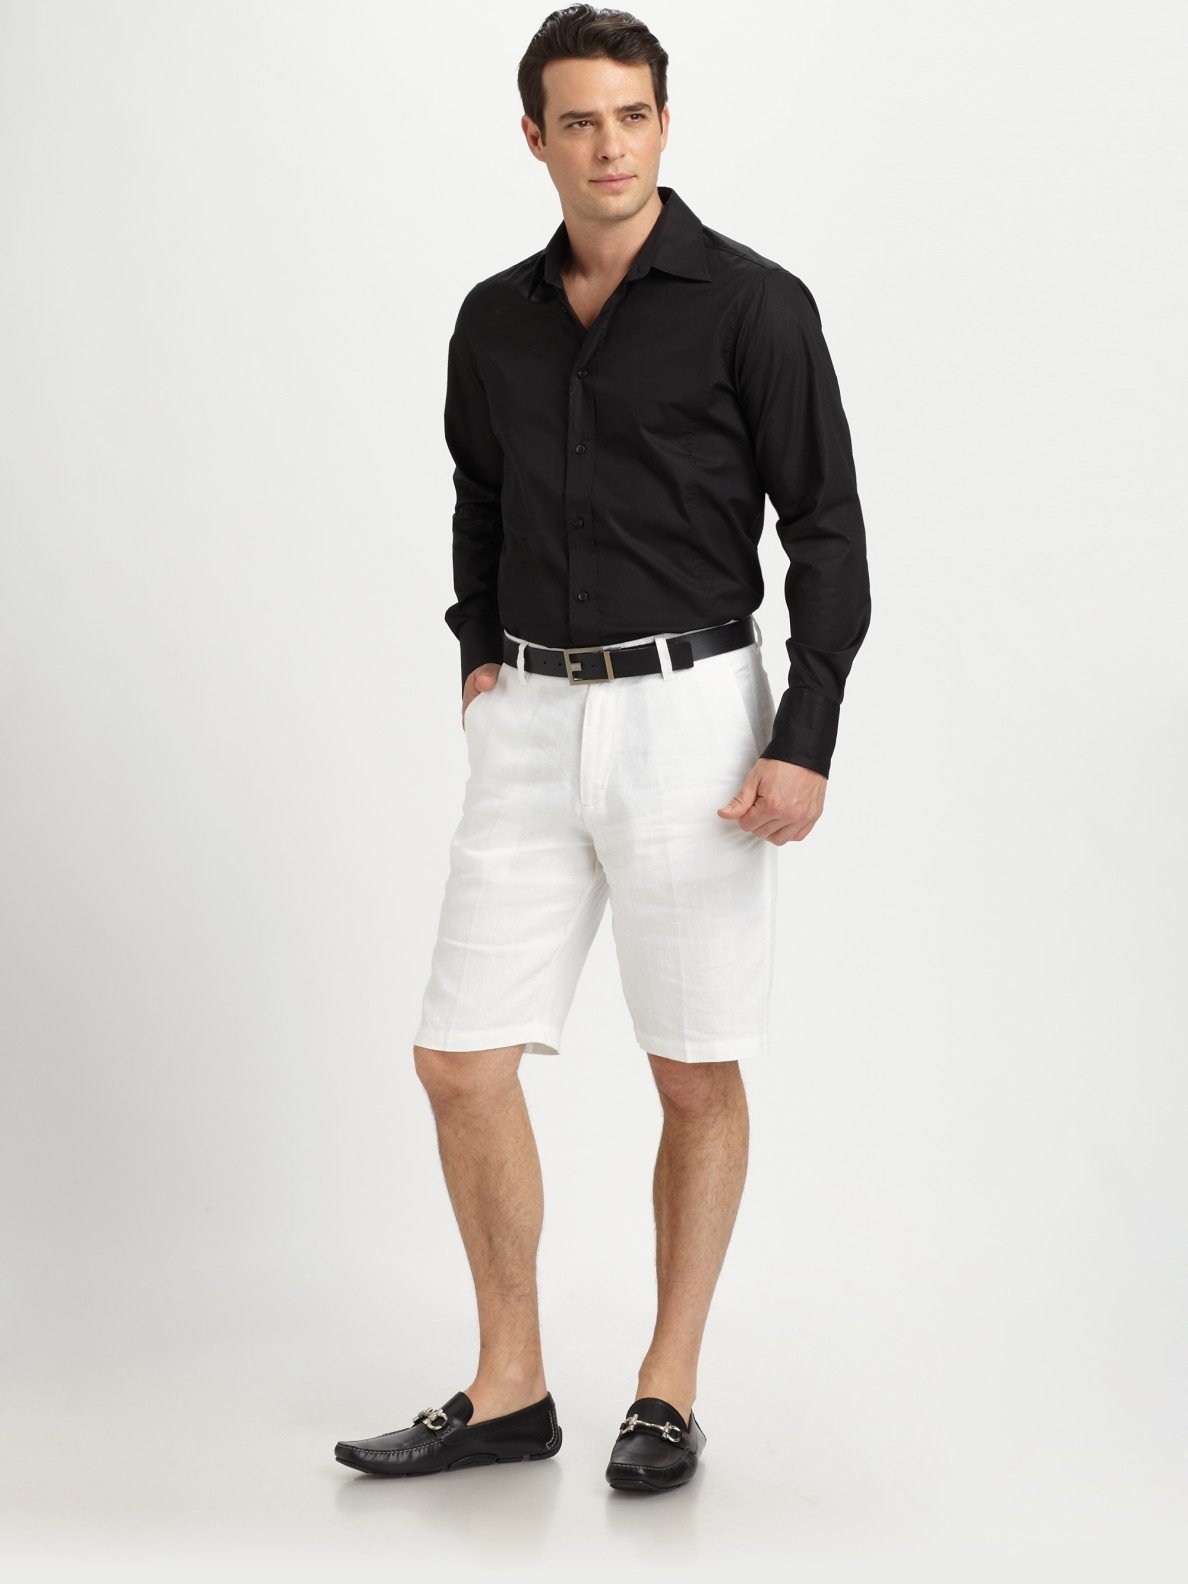 lyst saks fifth avenue white linen shorts in white for men